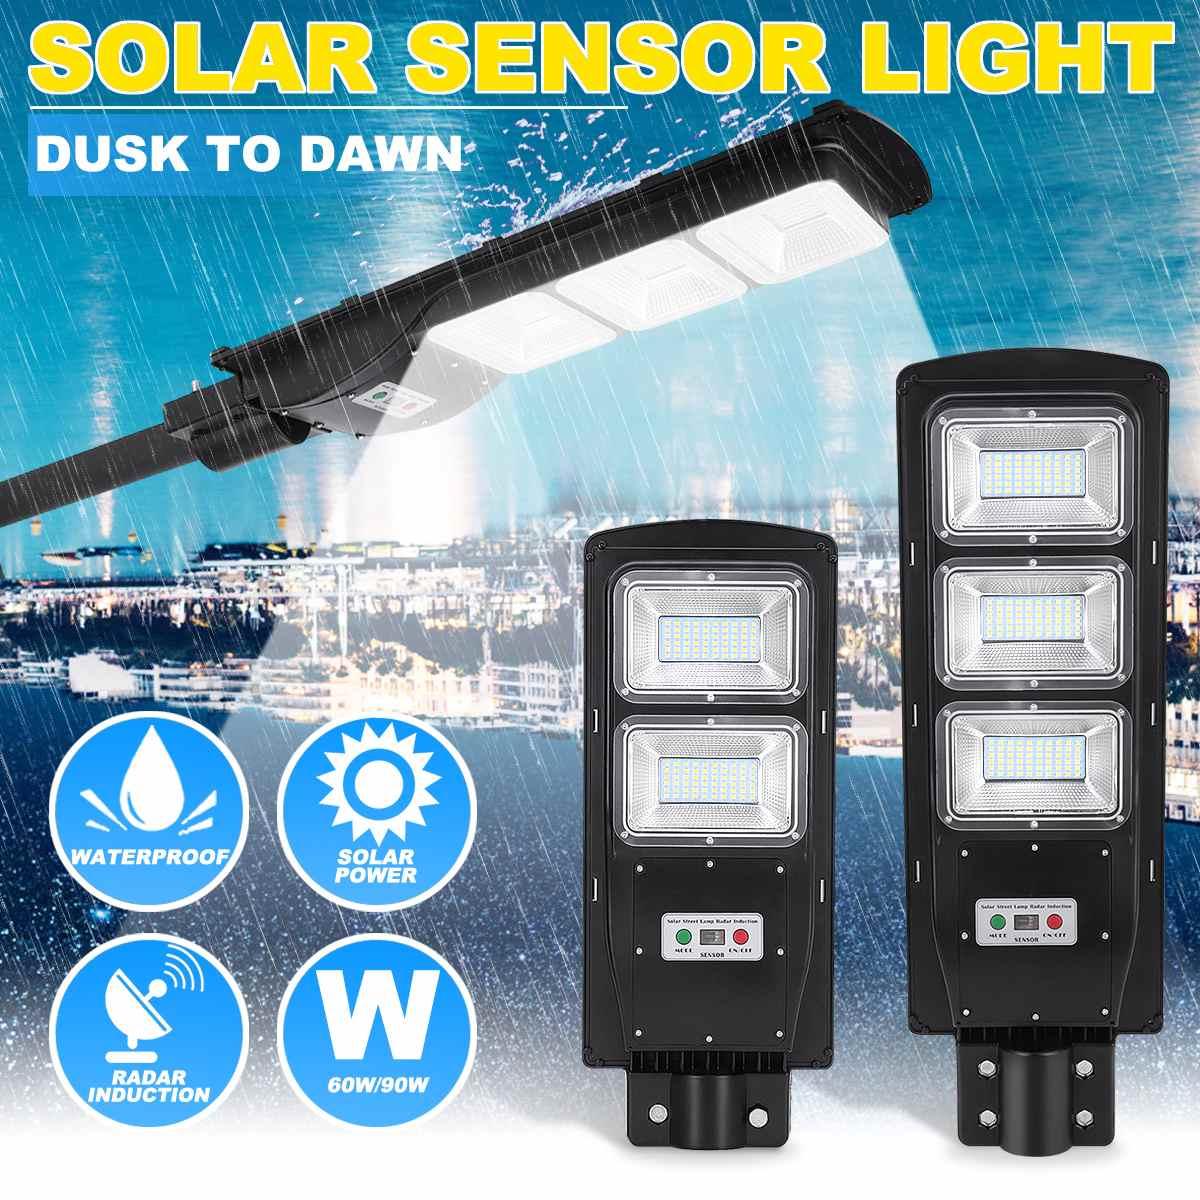 90W LED Solar Straße Licht 60W Wand Garten Lichter Wasserdichte Außen Beleuchtung mit Fernbedienung Morgens bis Abends PIR motion Sensor